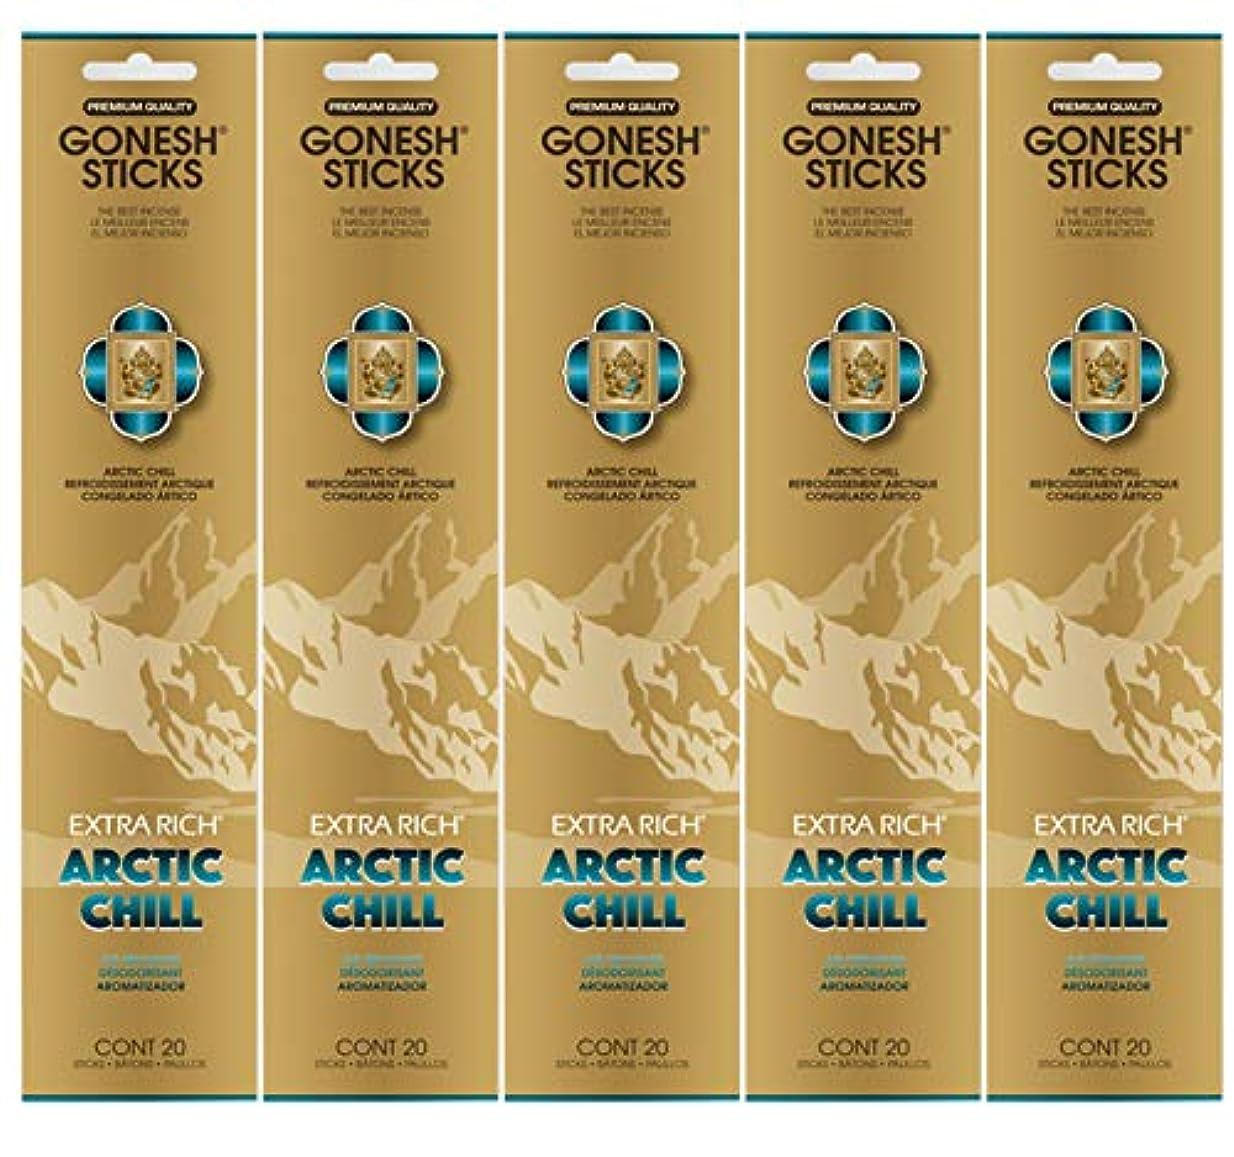 ワインこどもの日同性愛者Gonesh お香スティック エクストラリッチコレクション - Arctic Chill 5パック (合計100本)